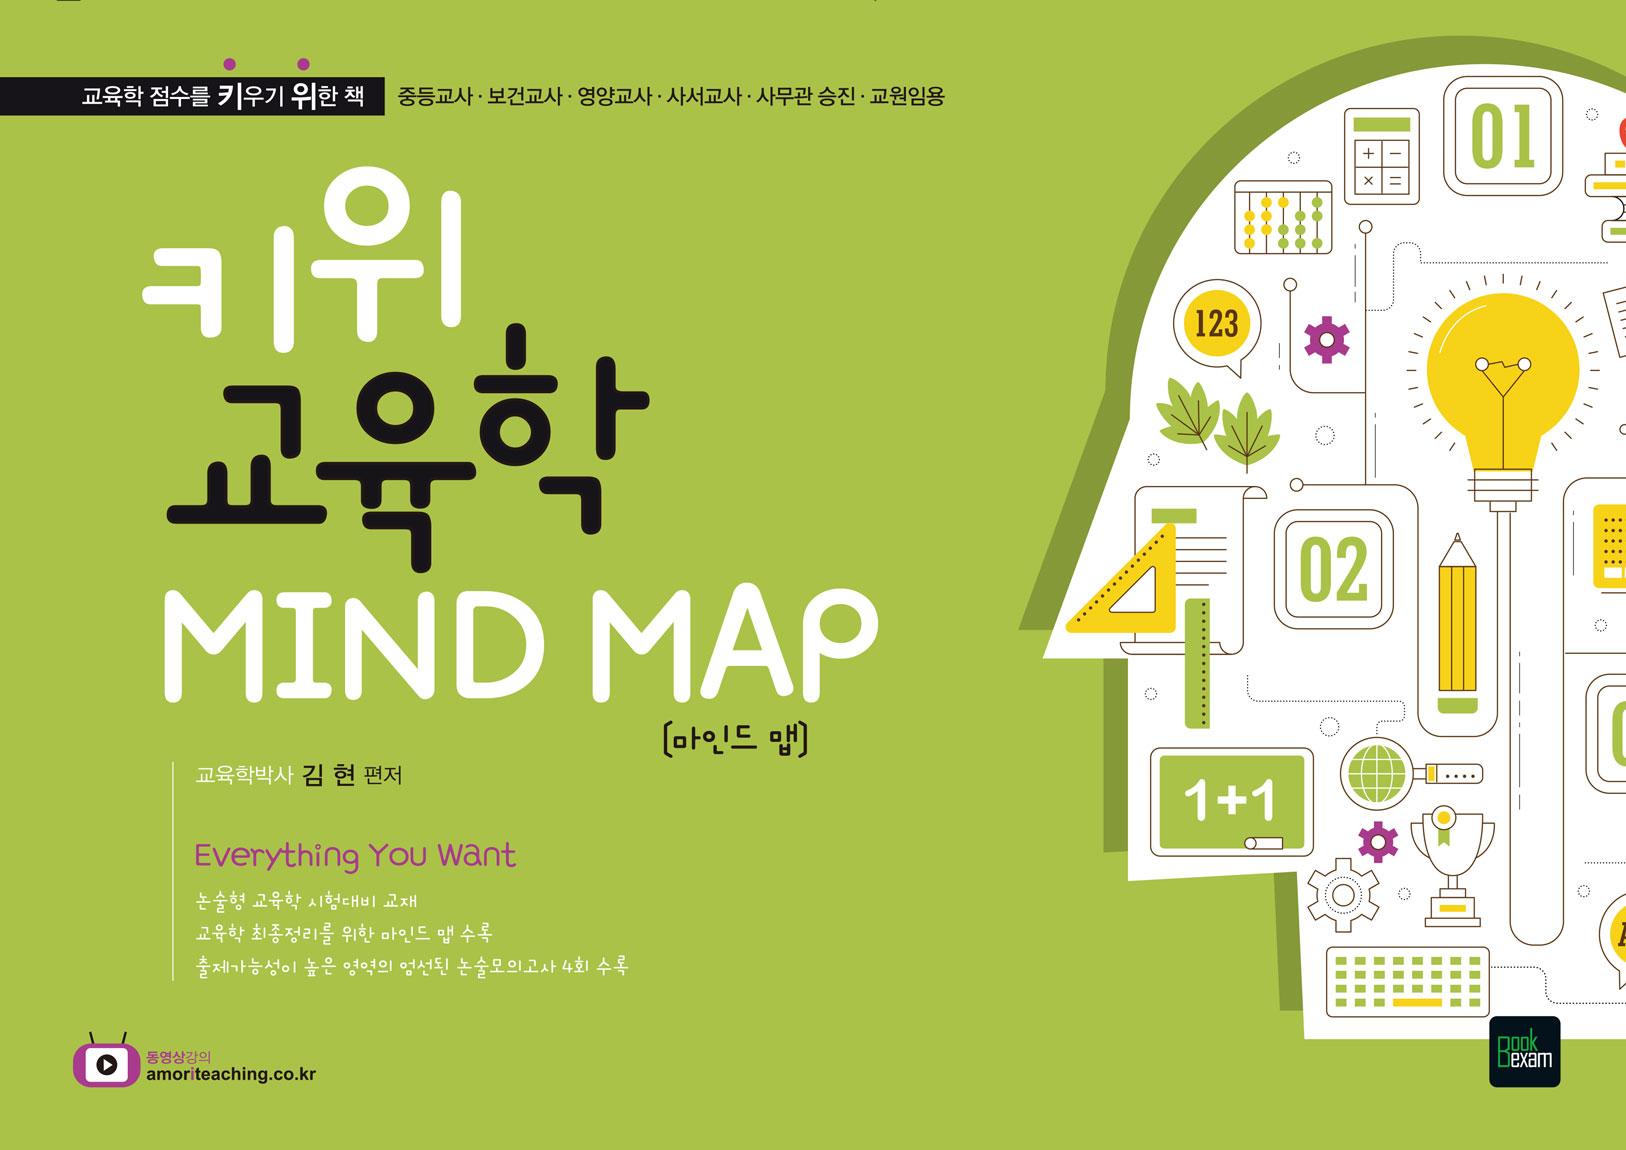 2018 키위교육학 MIND MAP ★미니수첩 증정